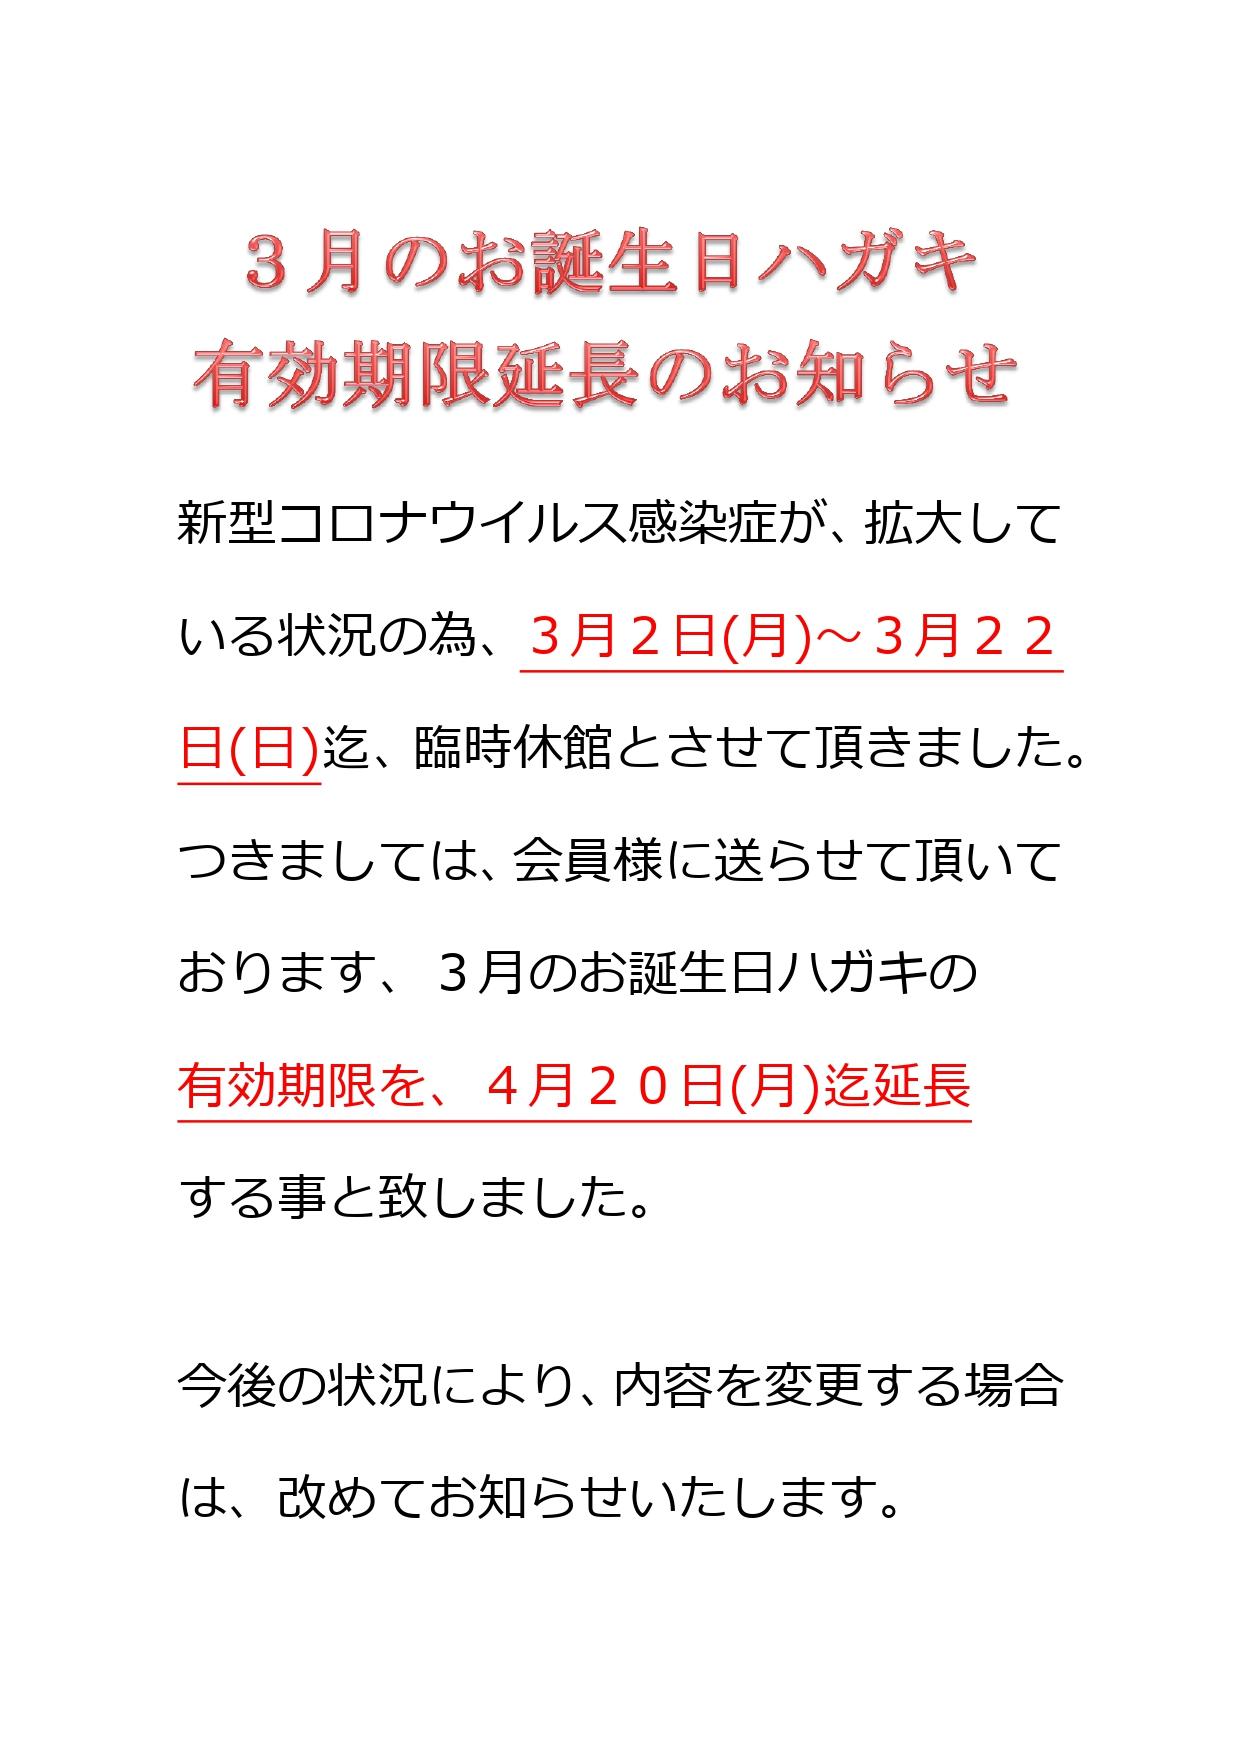 3月お誕生日ハガキ有効期限延長のお知らせ